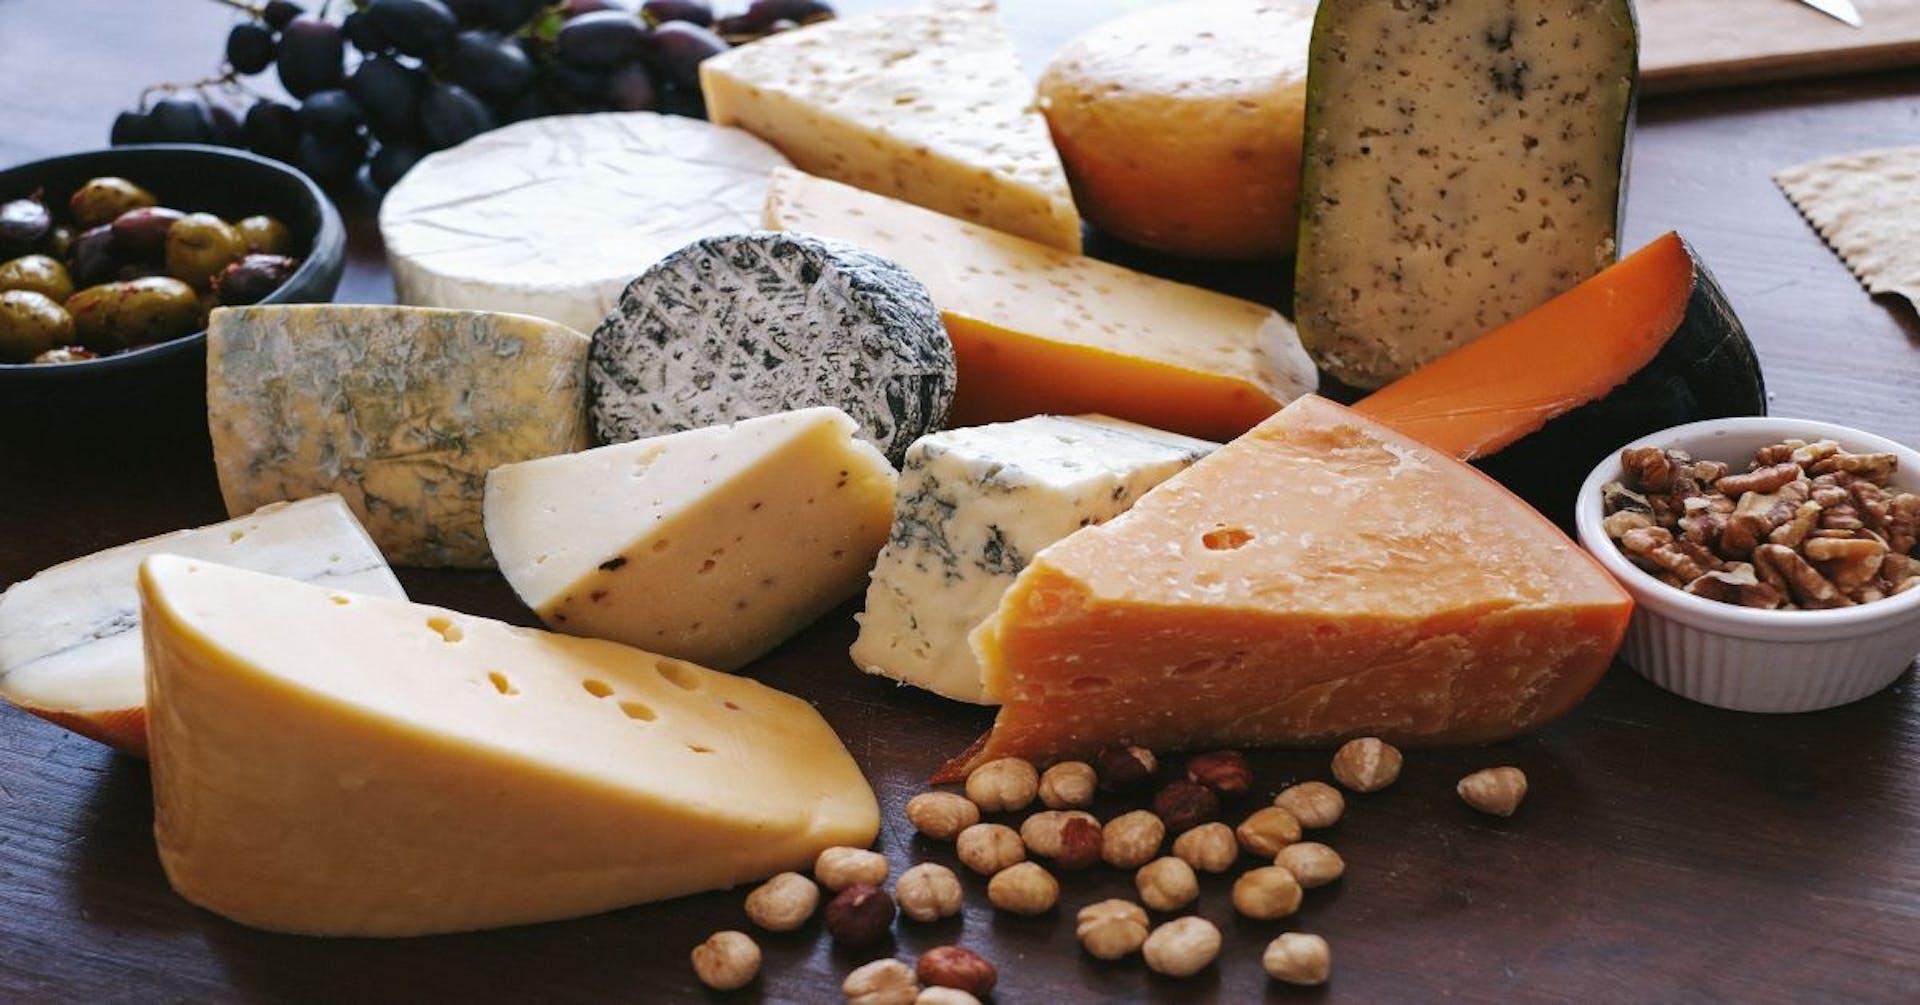 Los parámetros de calidad del queso que necesitas saber antes de llevarlo a tu mesa